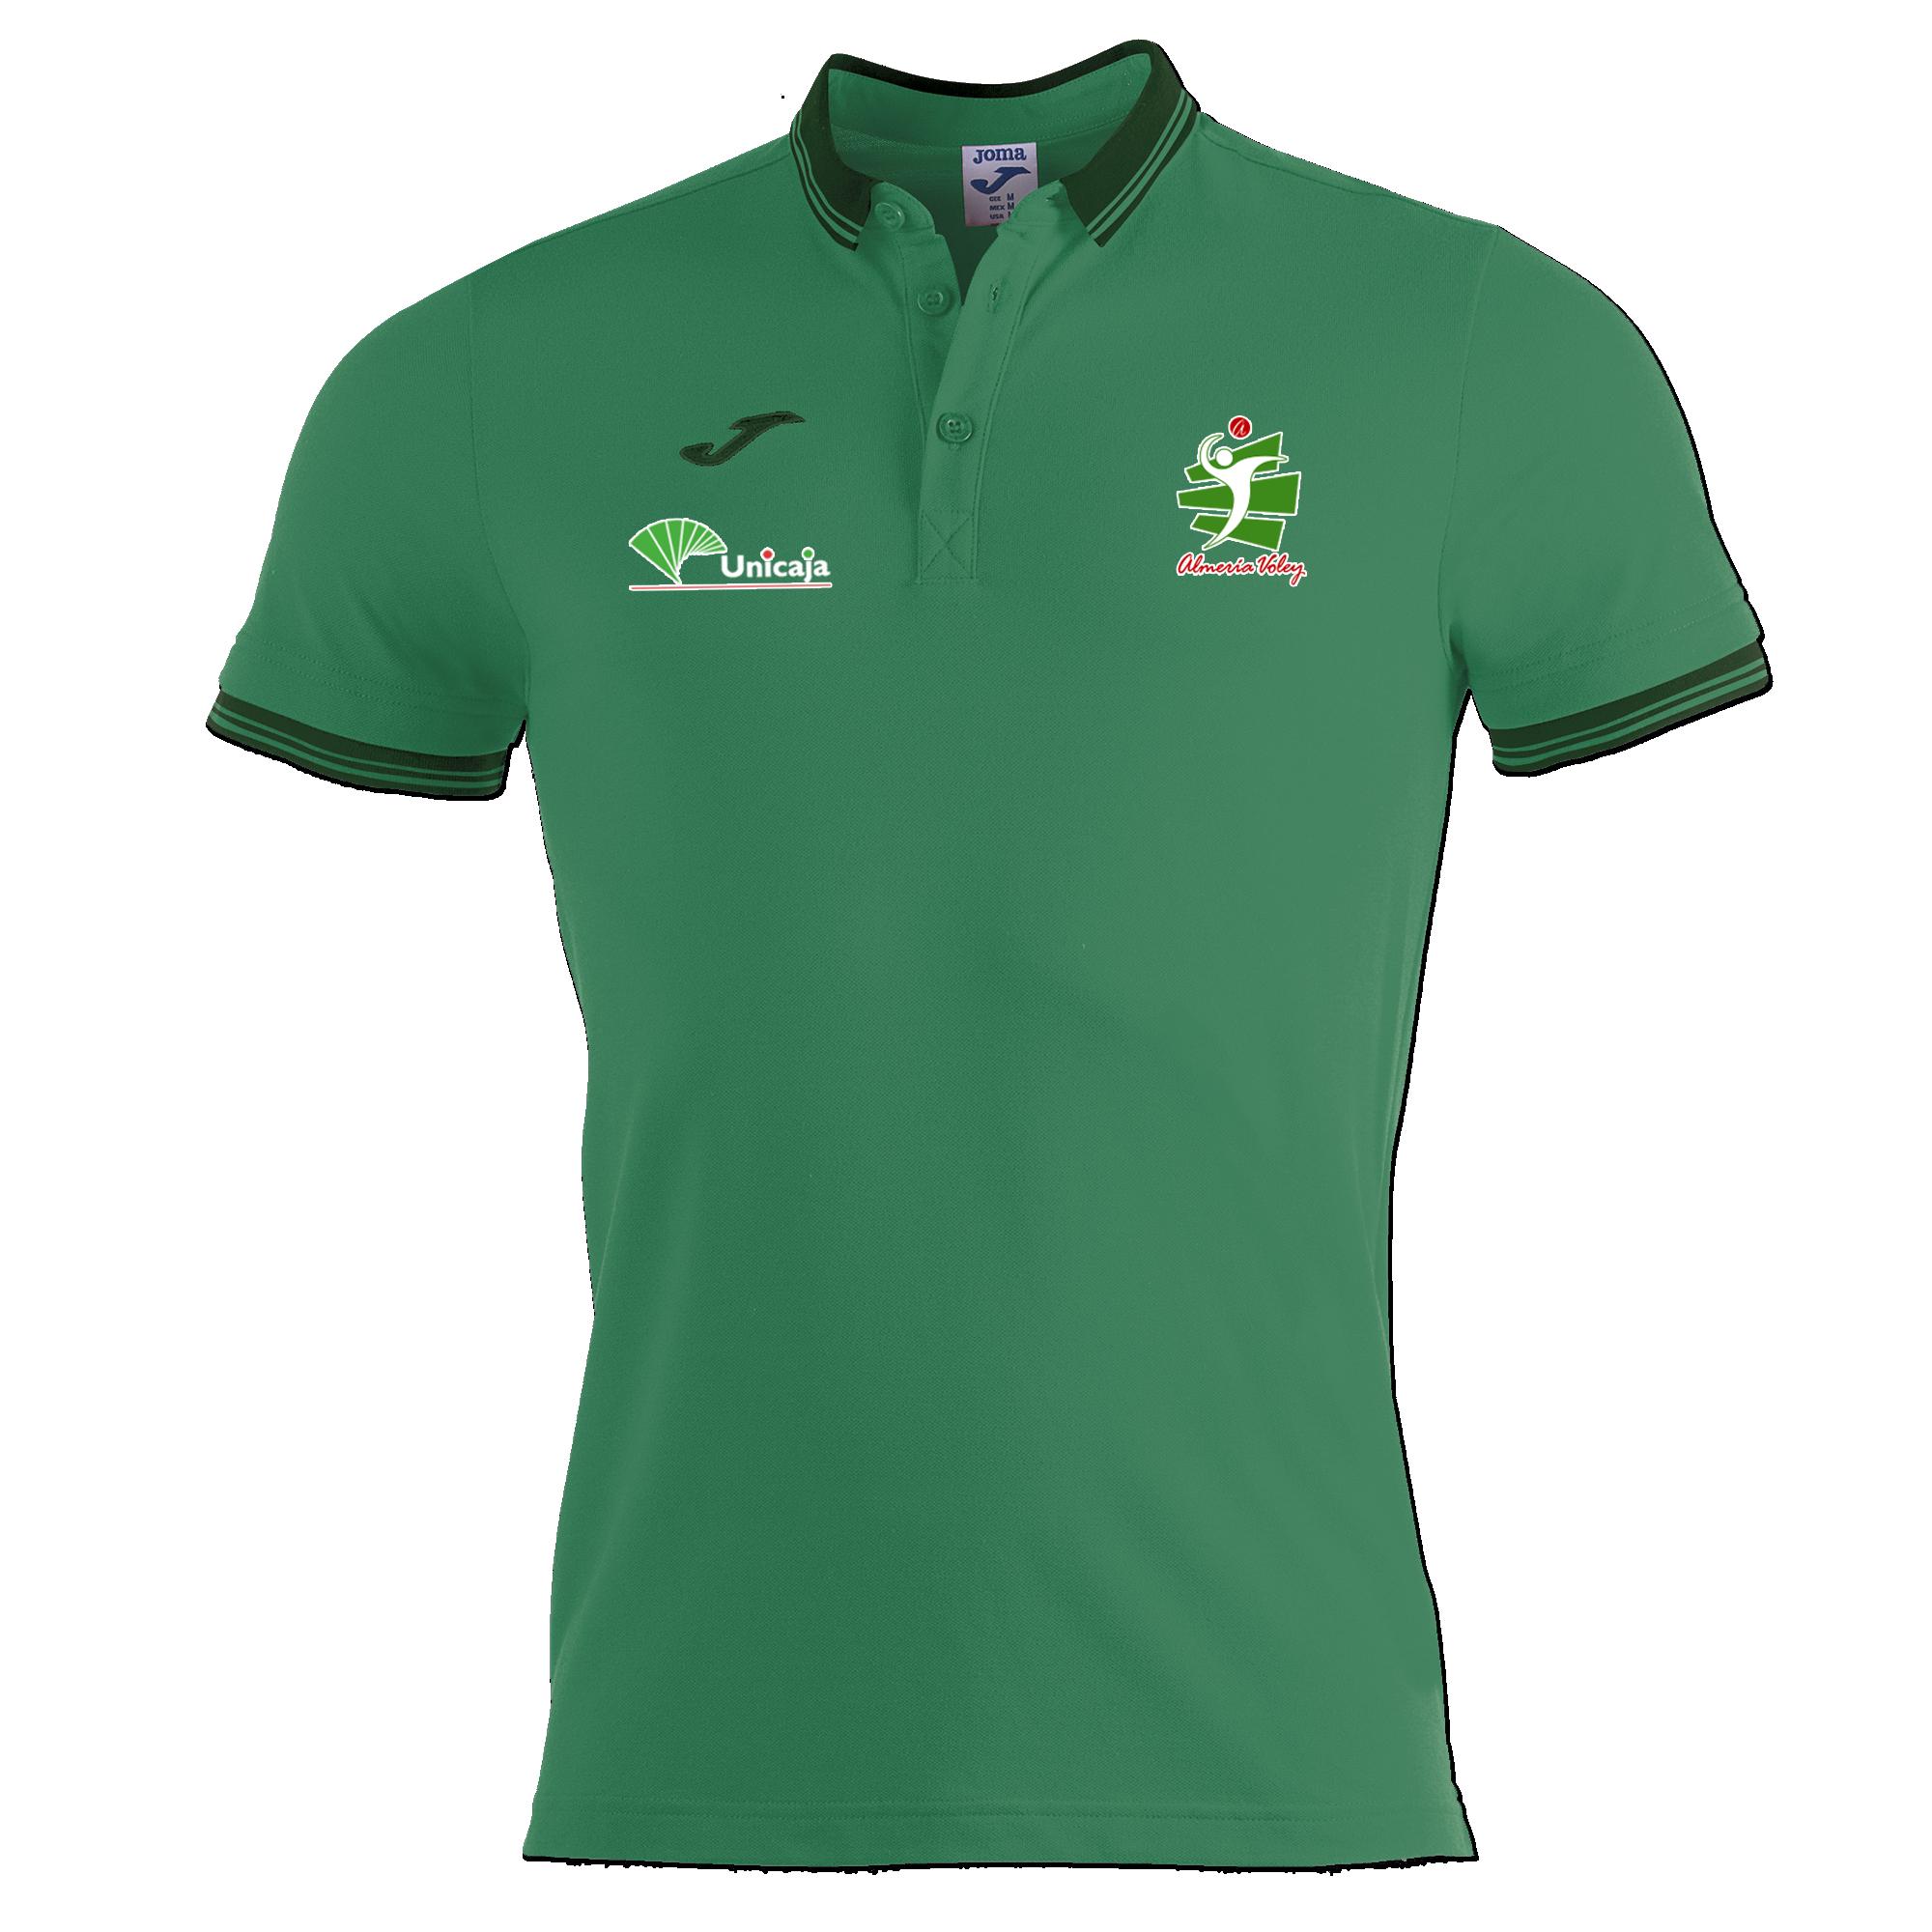 Polo Oficial Verde Unicaja Almería 2019/20